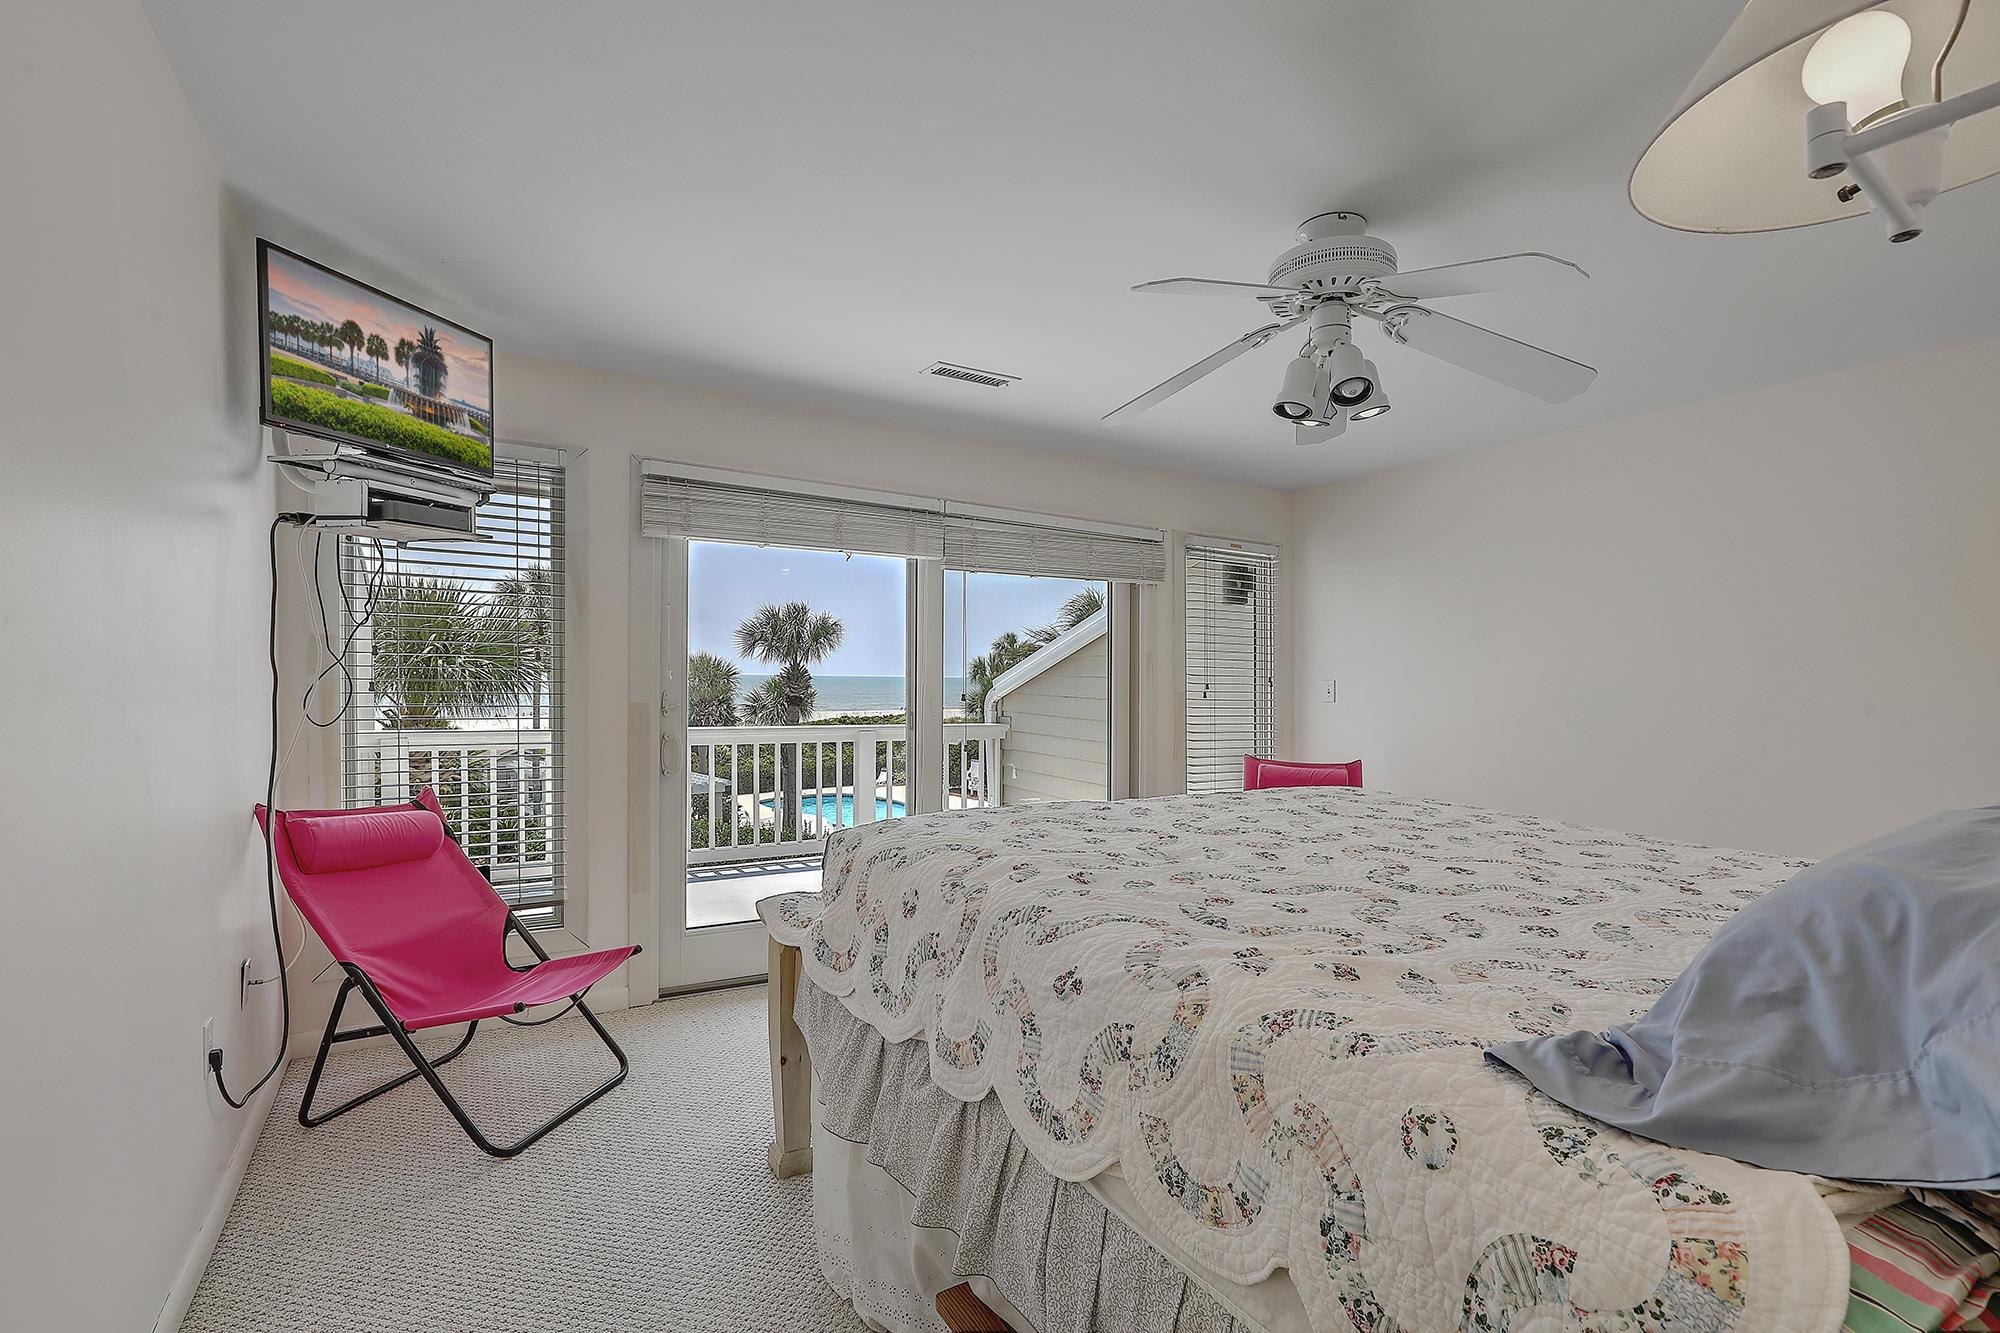 Beach Club Villas Homes For Sale - 15 Beach Club Villas, Isle of Palms, SC - 1